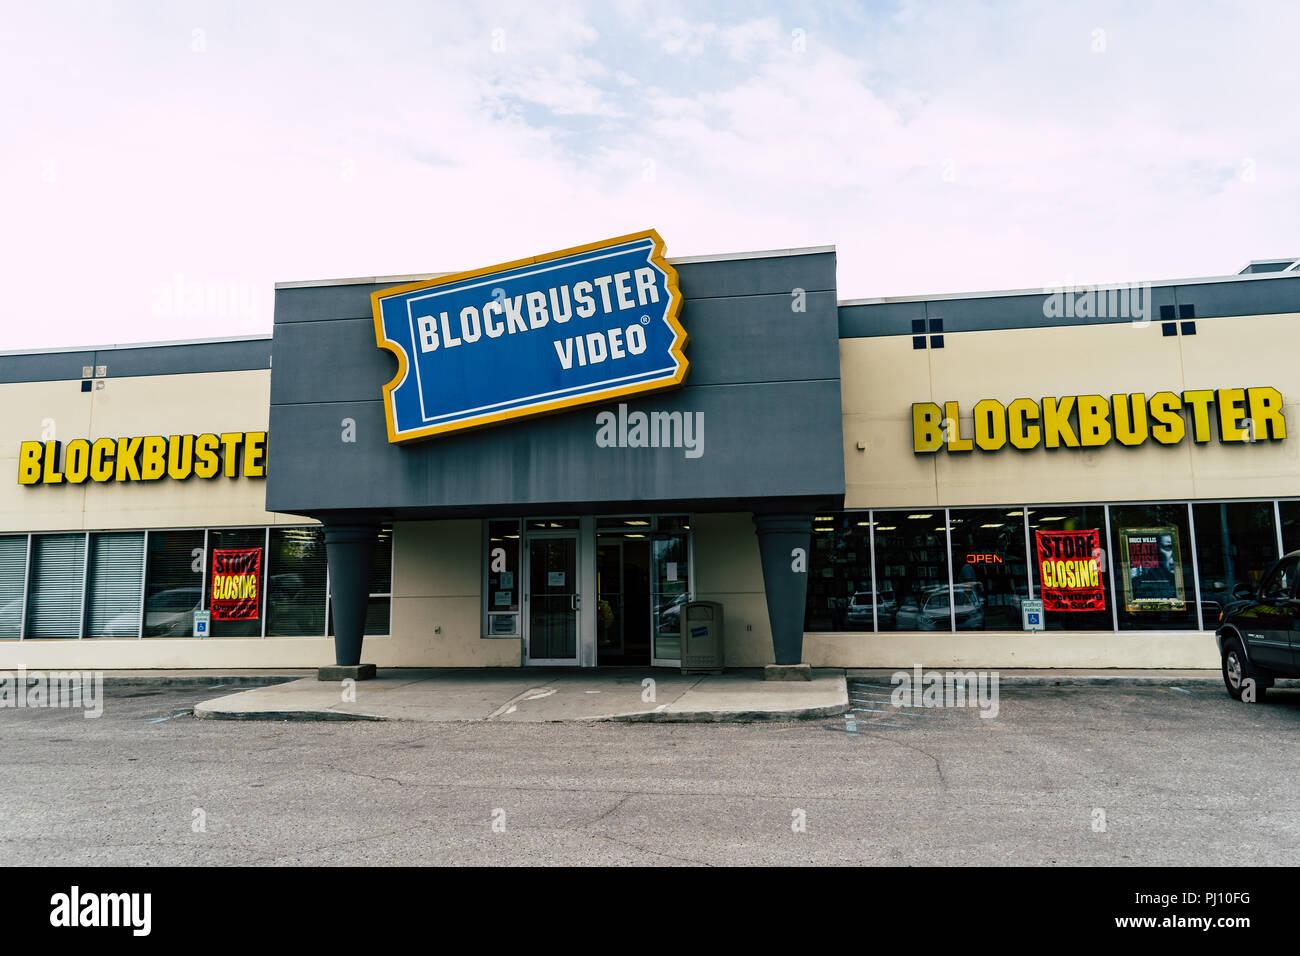 10 AOÛT 2018 - Fairbanks Alaska: Vue extérieure d'un Blockbuster Video fermeture magasin de location de film. Très peu d'endroits restent dans le monde Photo Stock